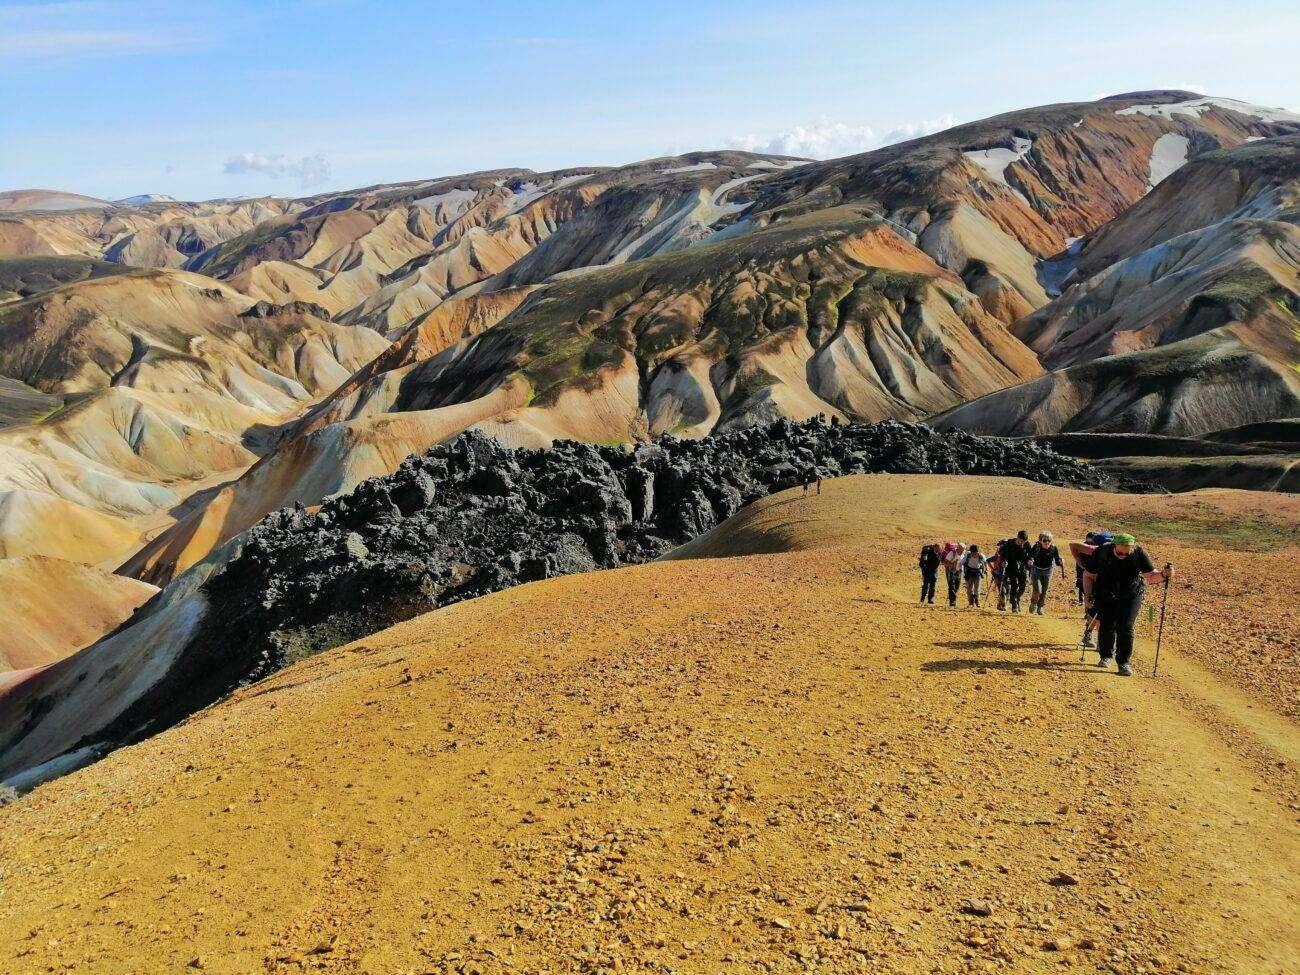 Islanda colori unici naturaviaggi scaled Viaggio in ISLANDA 9 giorni Grand Tour 8211 Mini Gruppo dal 2 al 10 luglio 2021